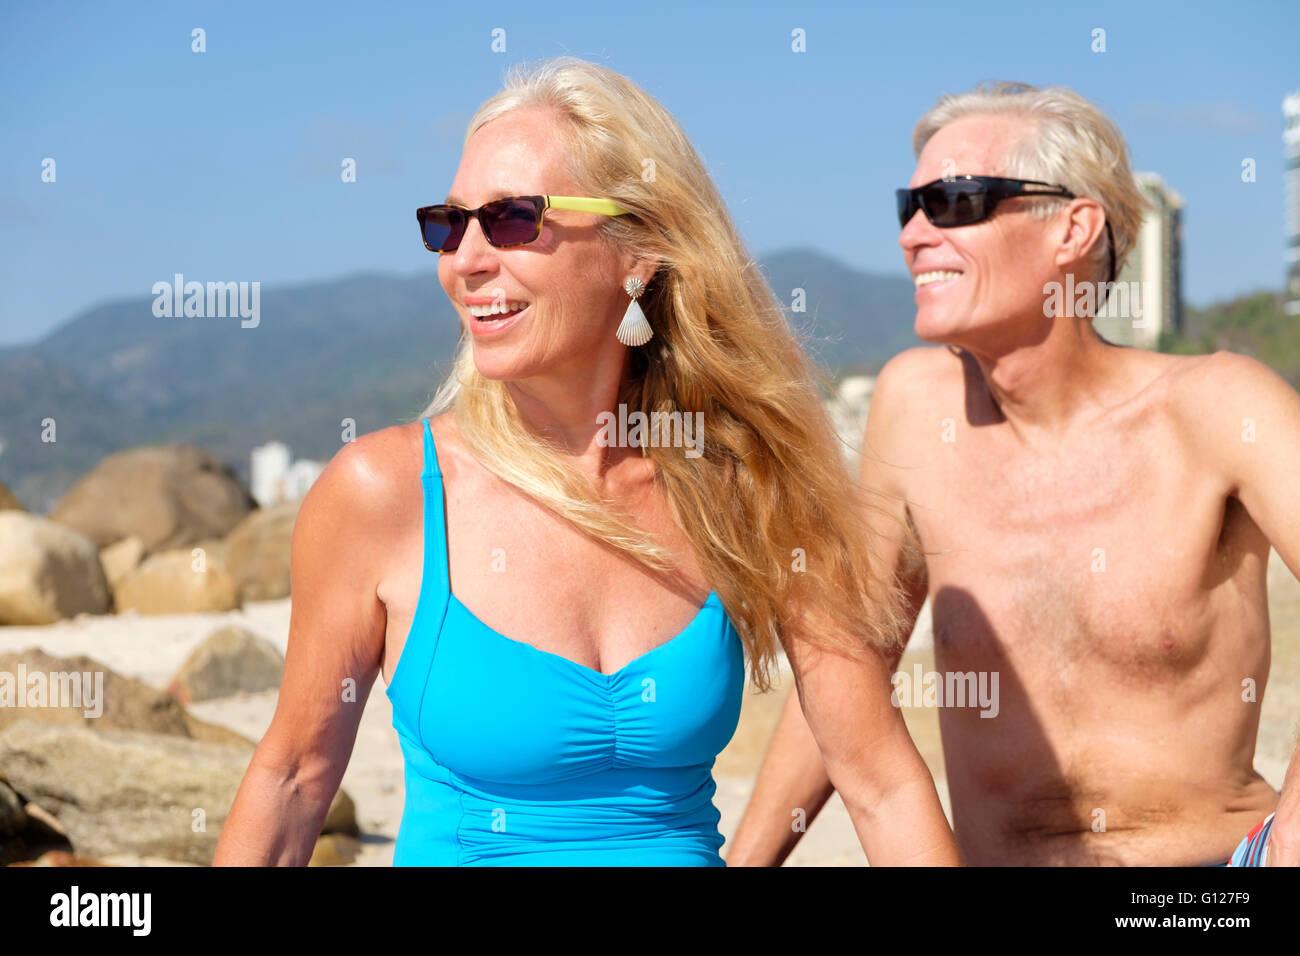 f2fdcab5d991 Senior l uomo e la donna in costume da bagno seduto su una spiaggia in  Messico. Close up ritratto.